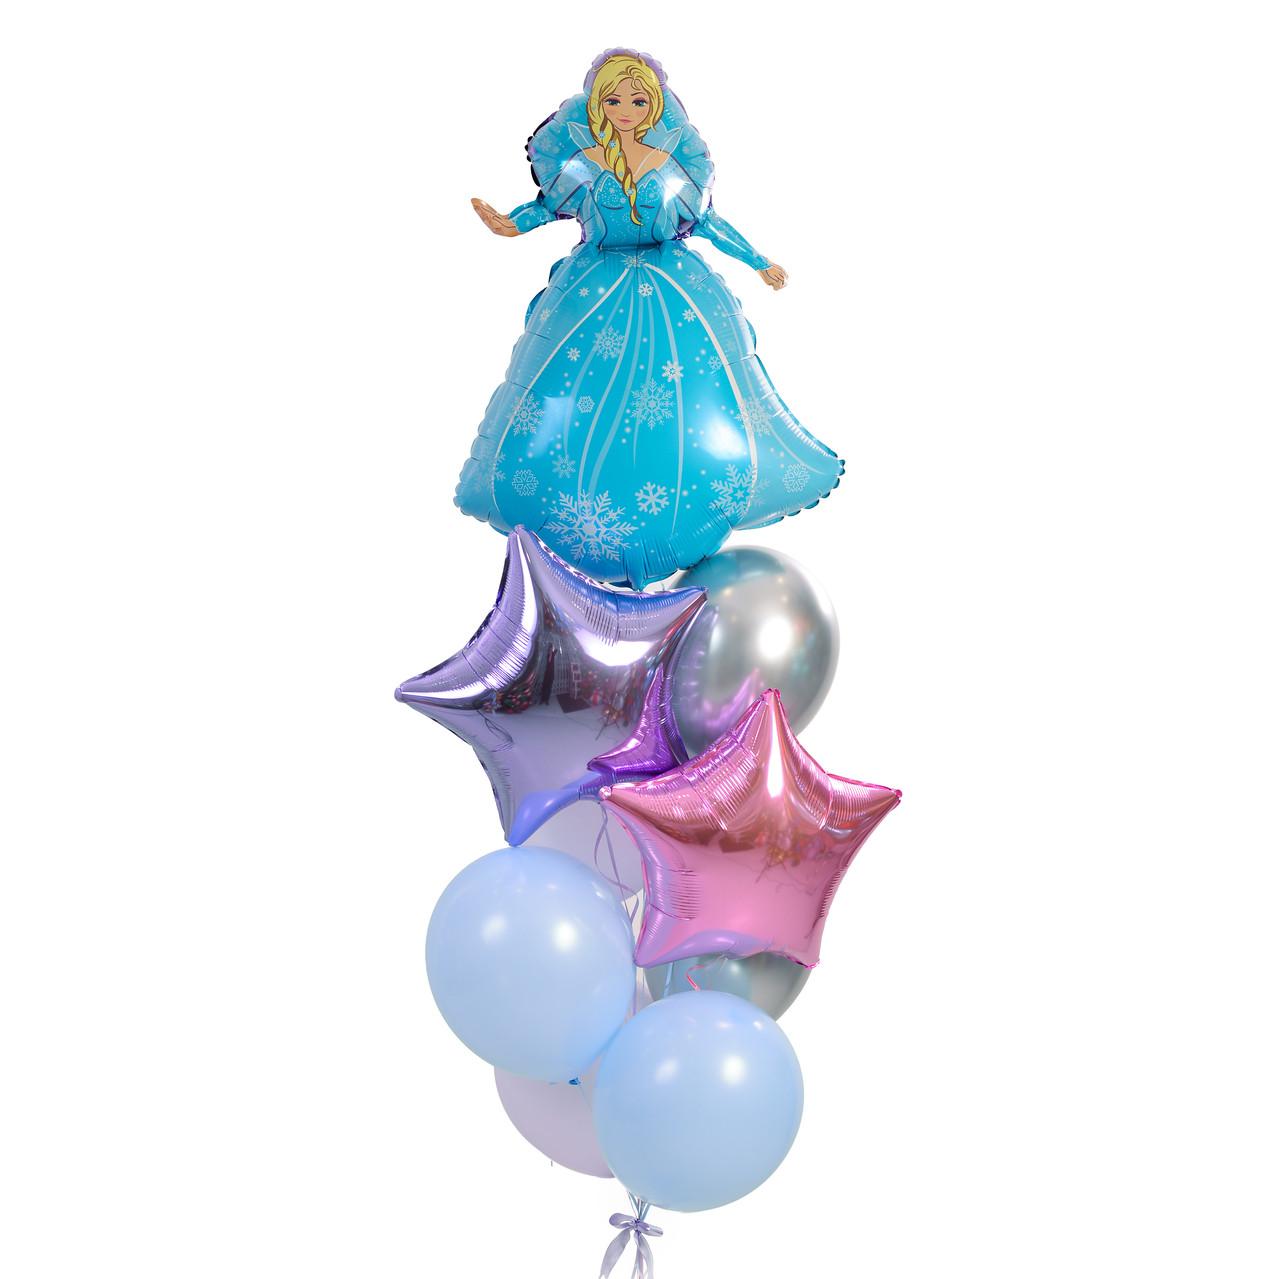 Связка: Эльза, звезда сиреневая и розовый металлик, 2 серебро хром, 2 светло-сиреневых, 2 голубых.